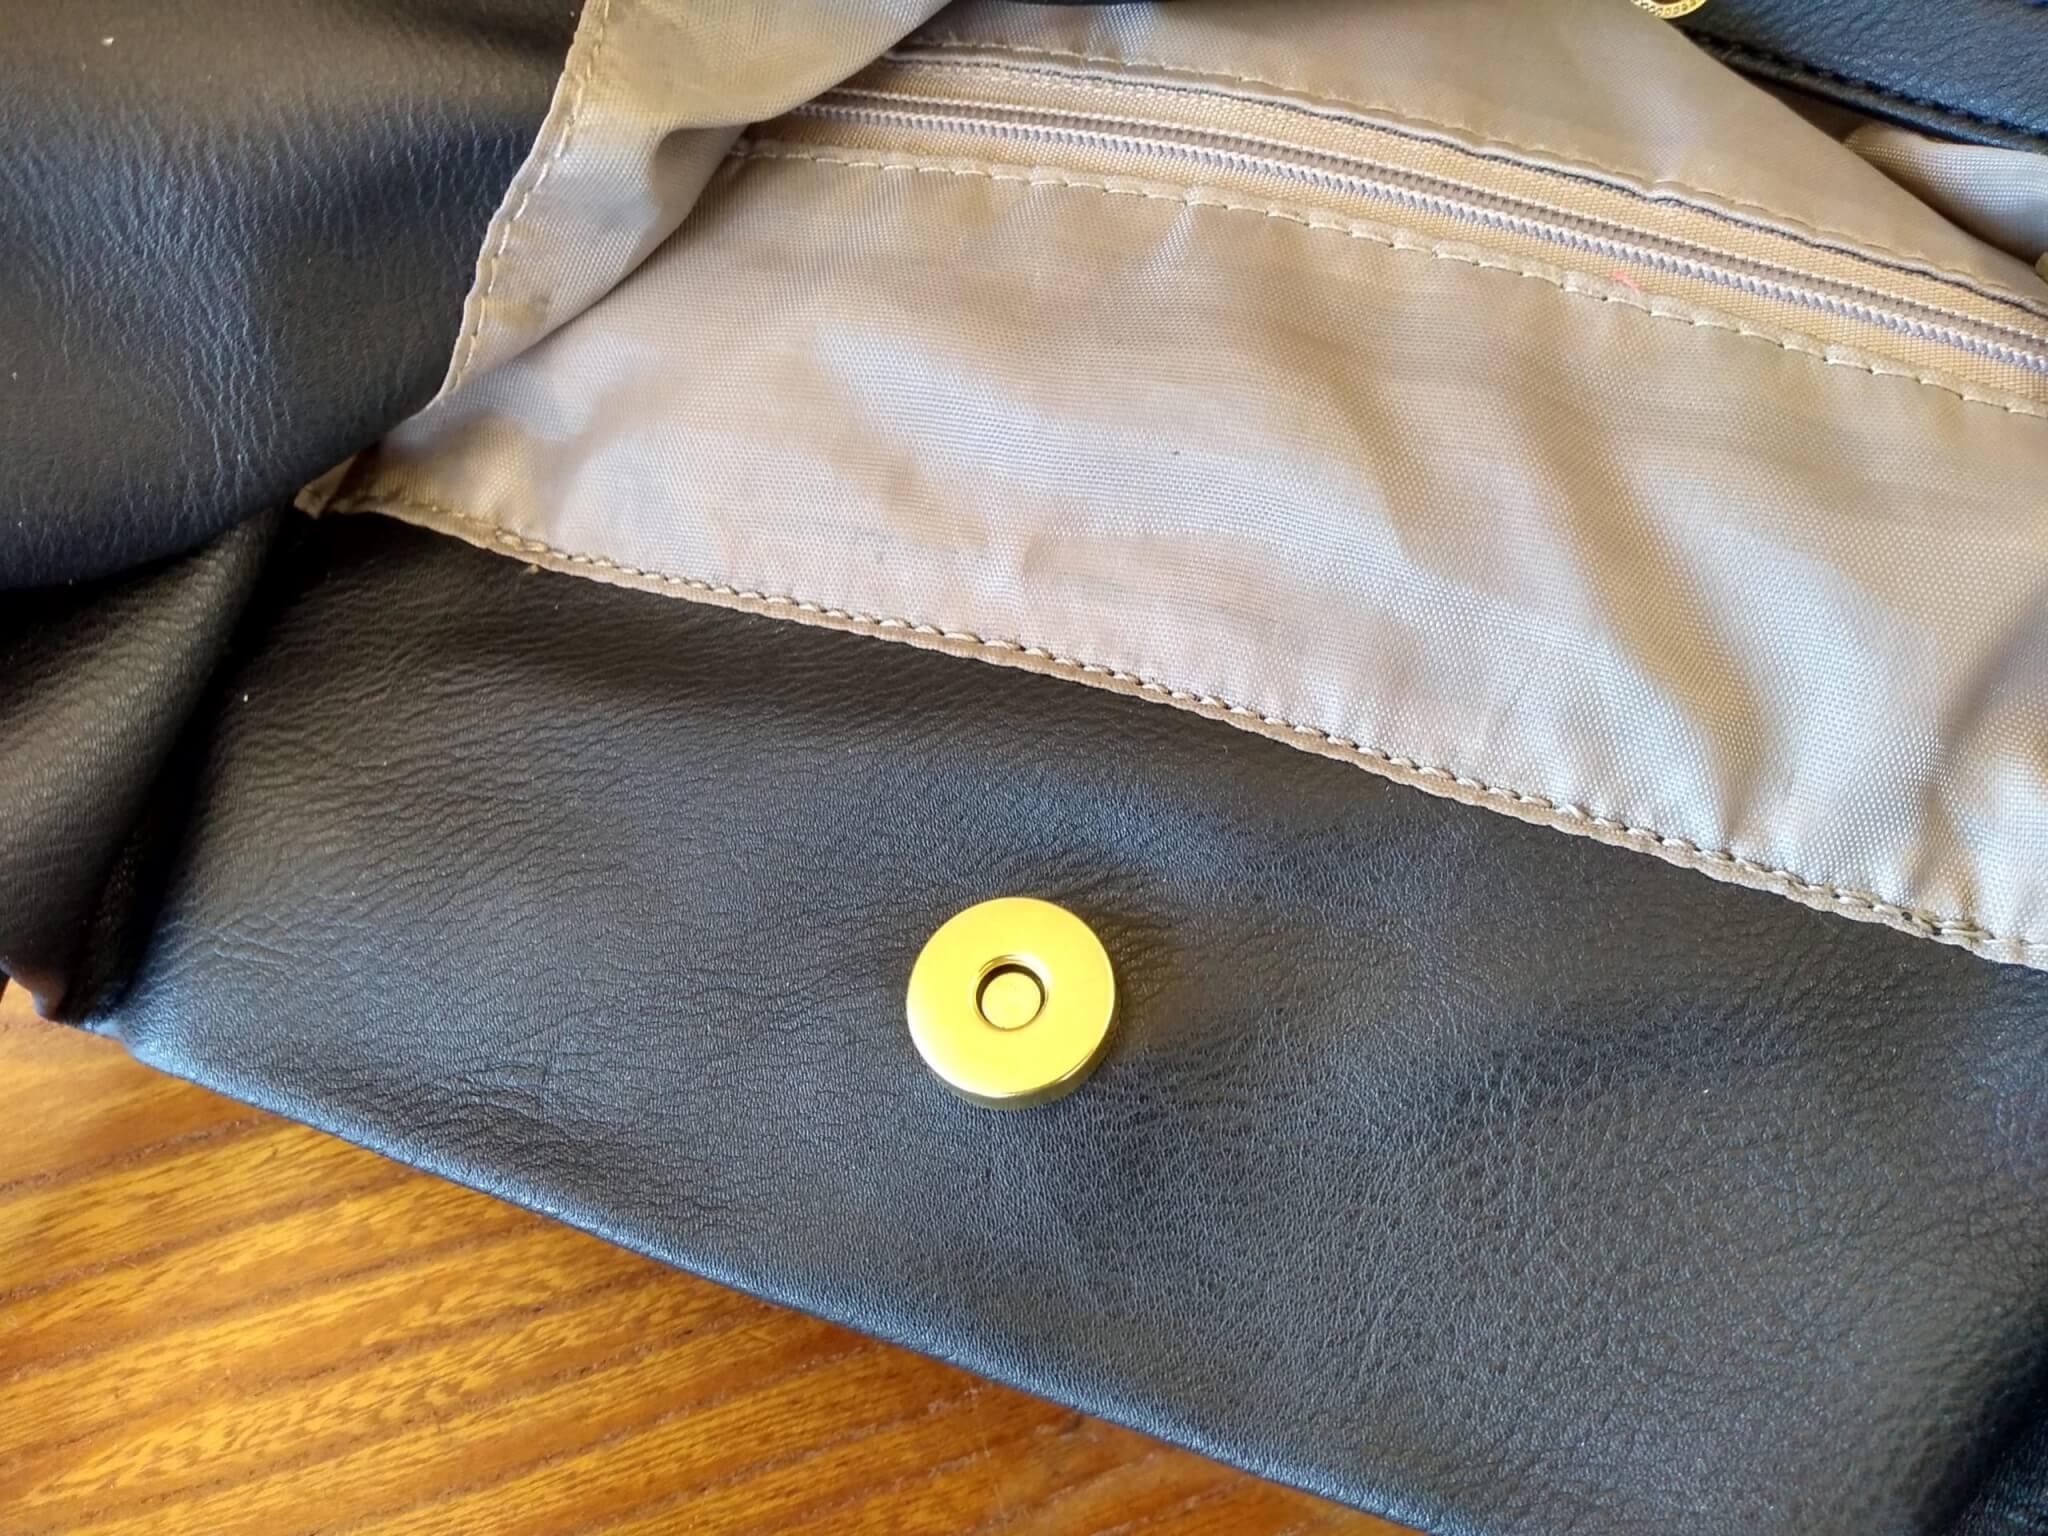 レディース・バッグの金具交換の鞄修理